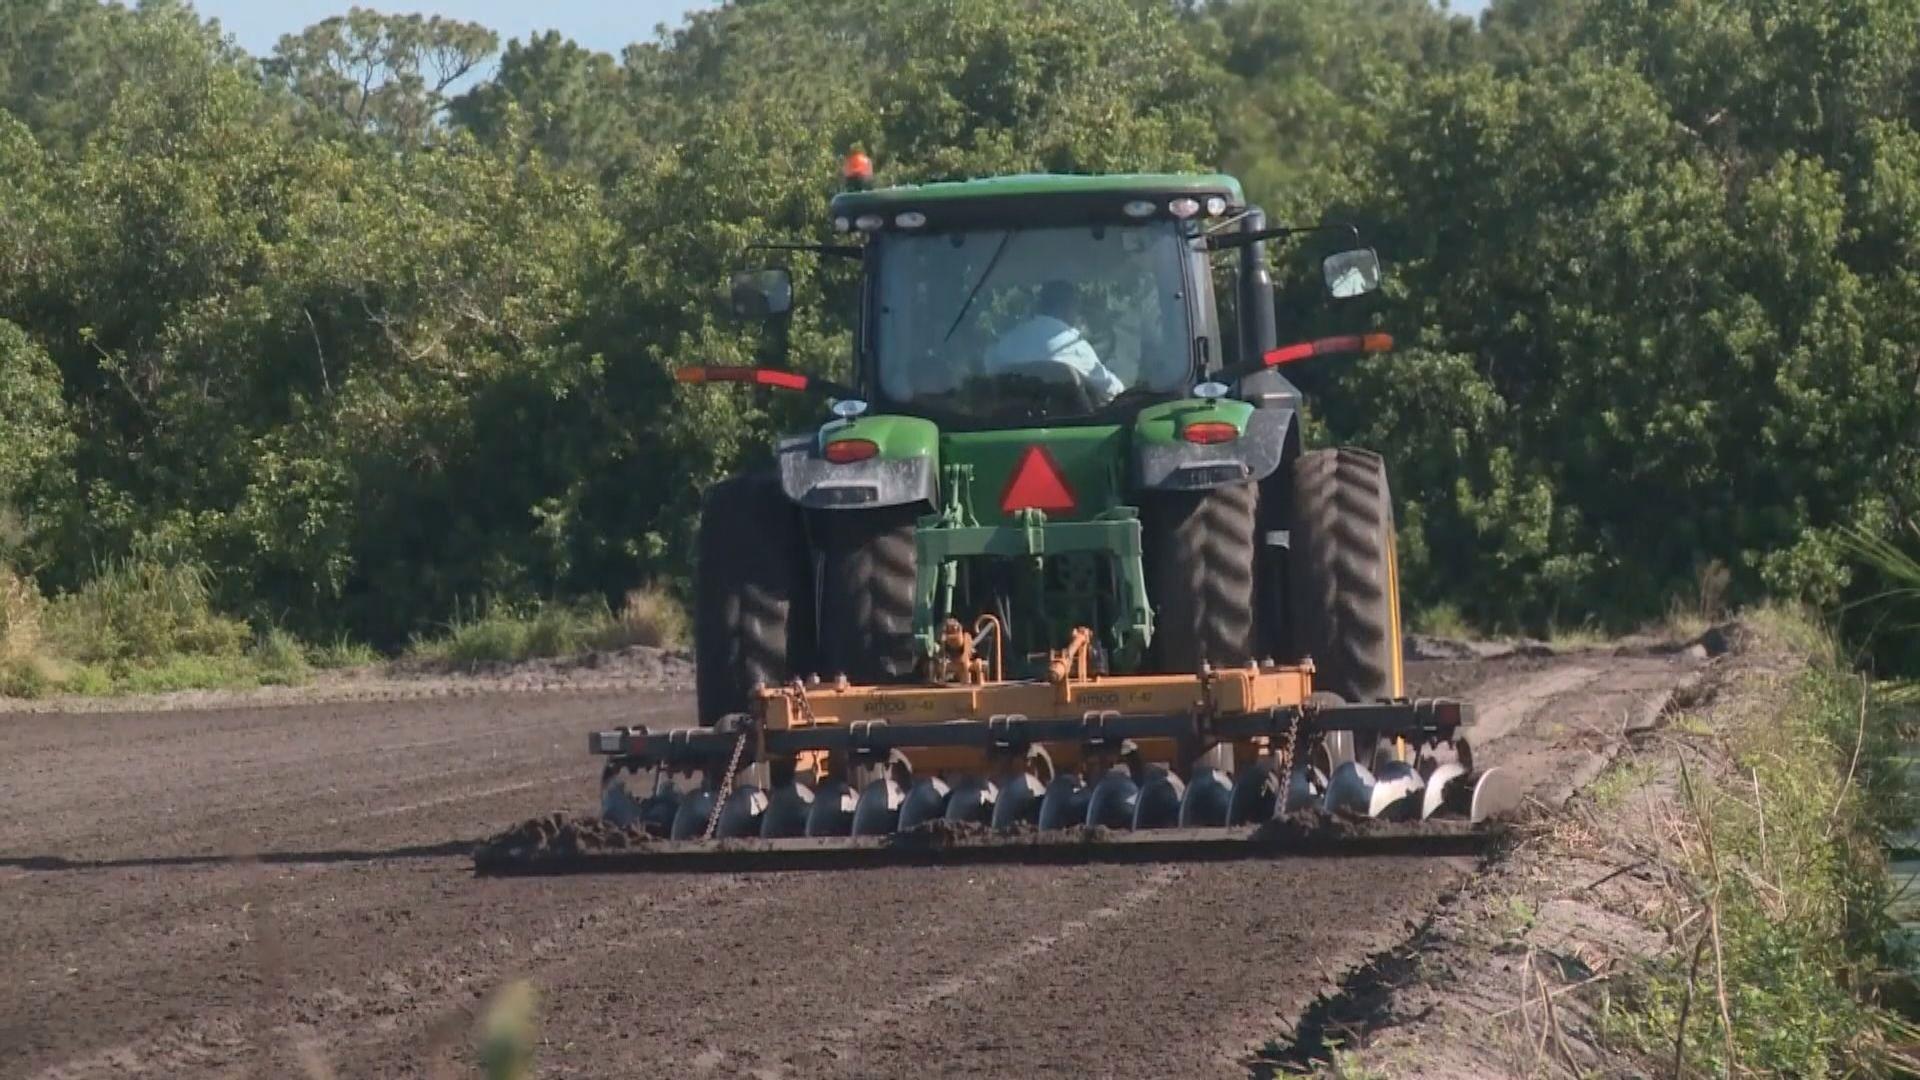 對華徵稅重創美國農業州份經濟